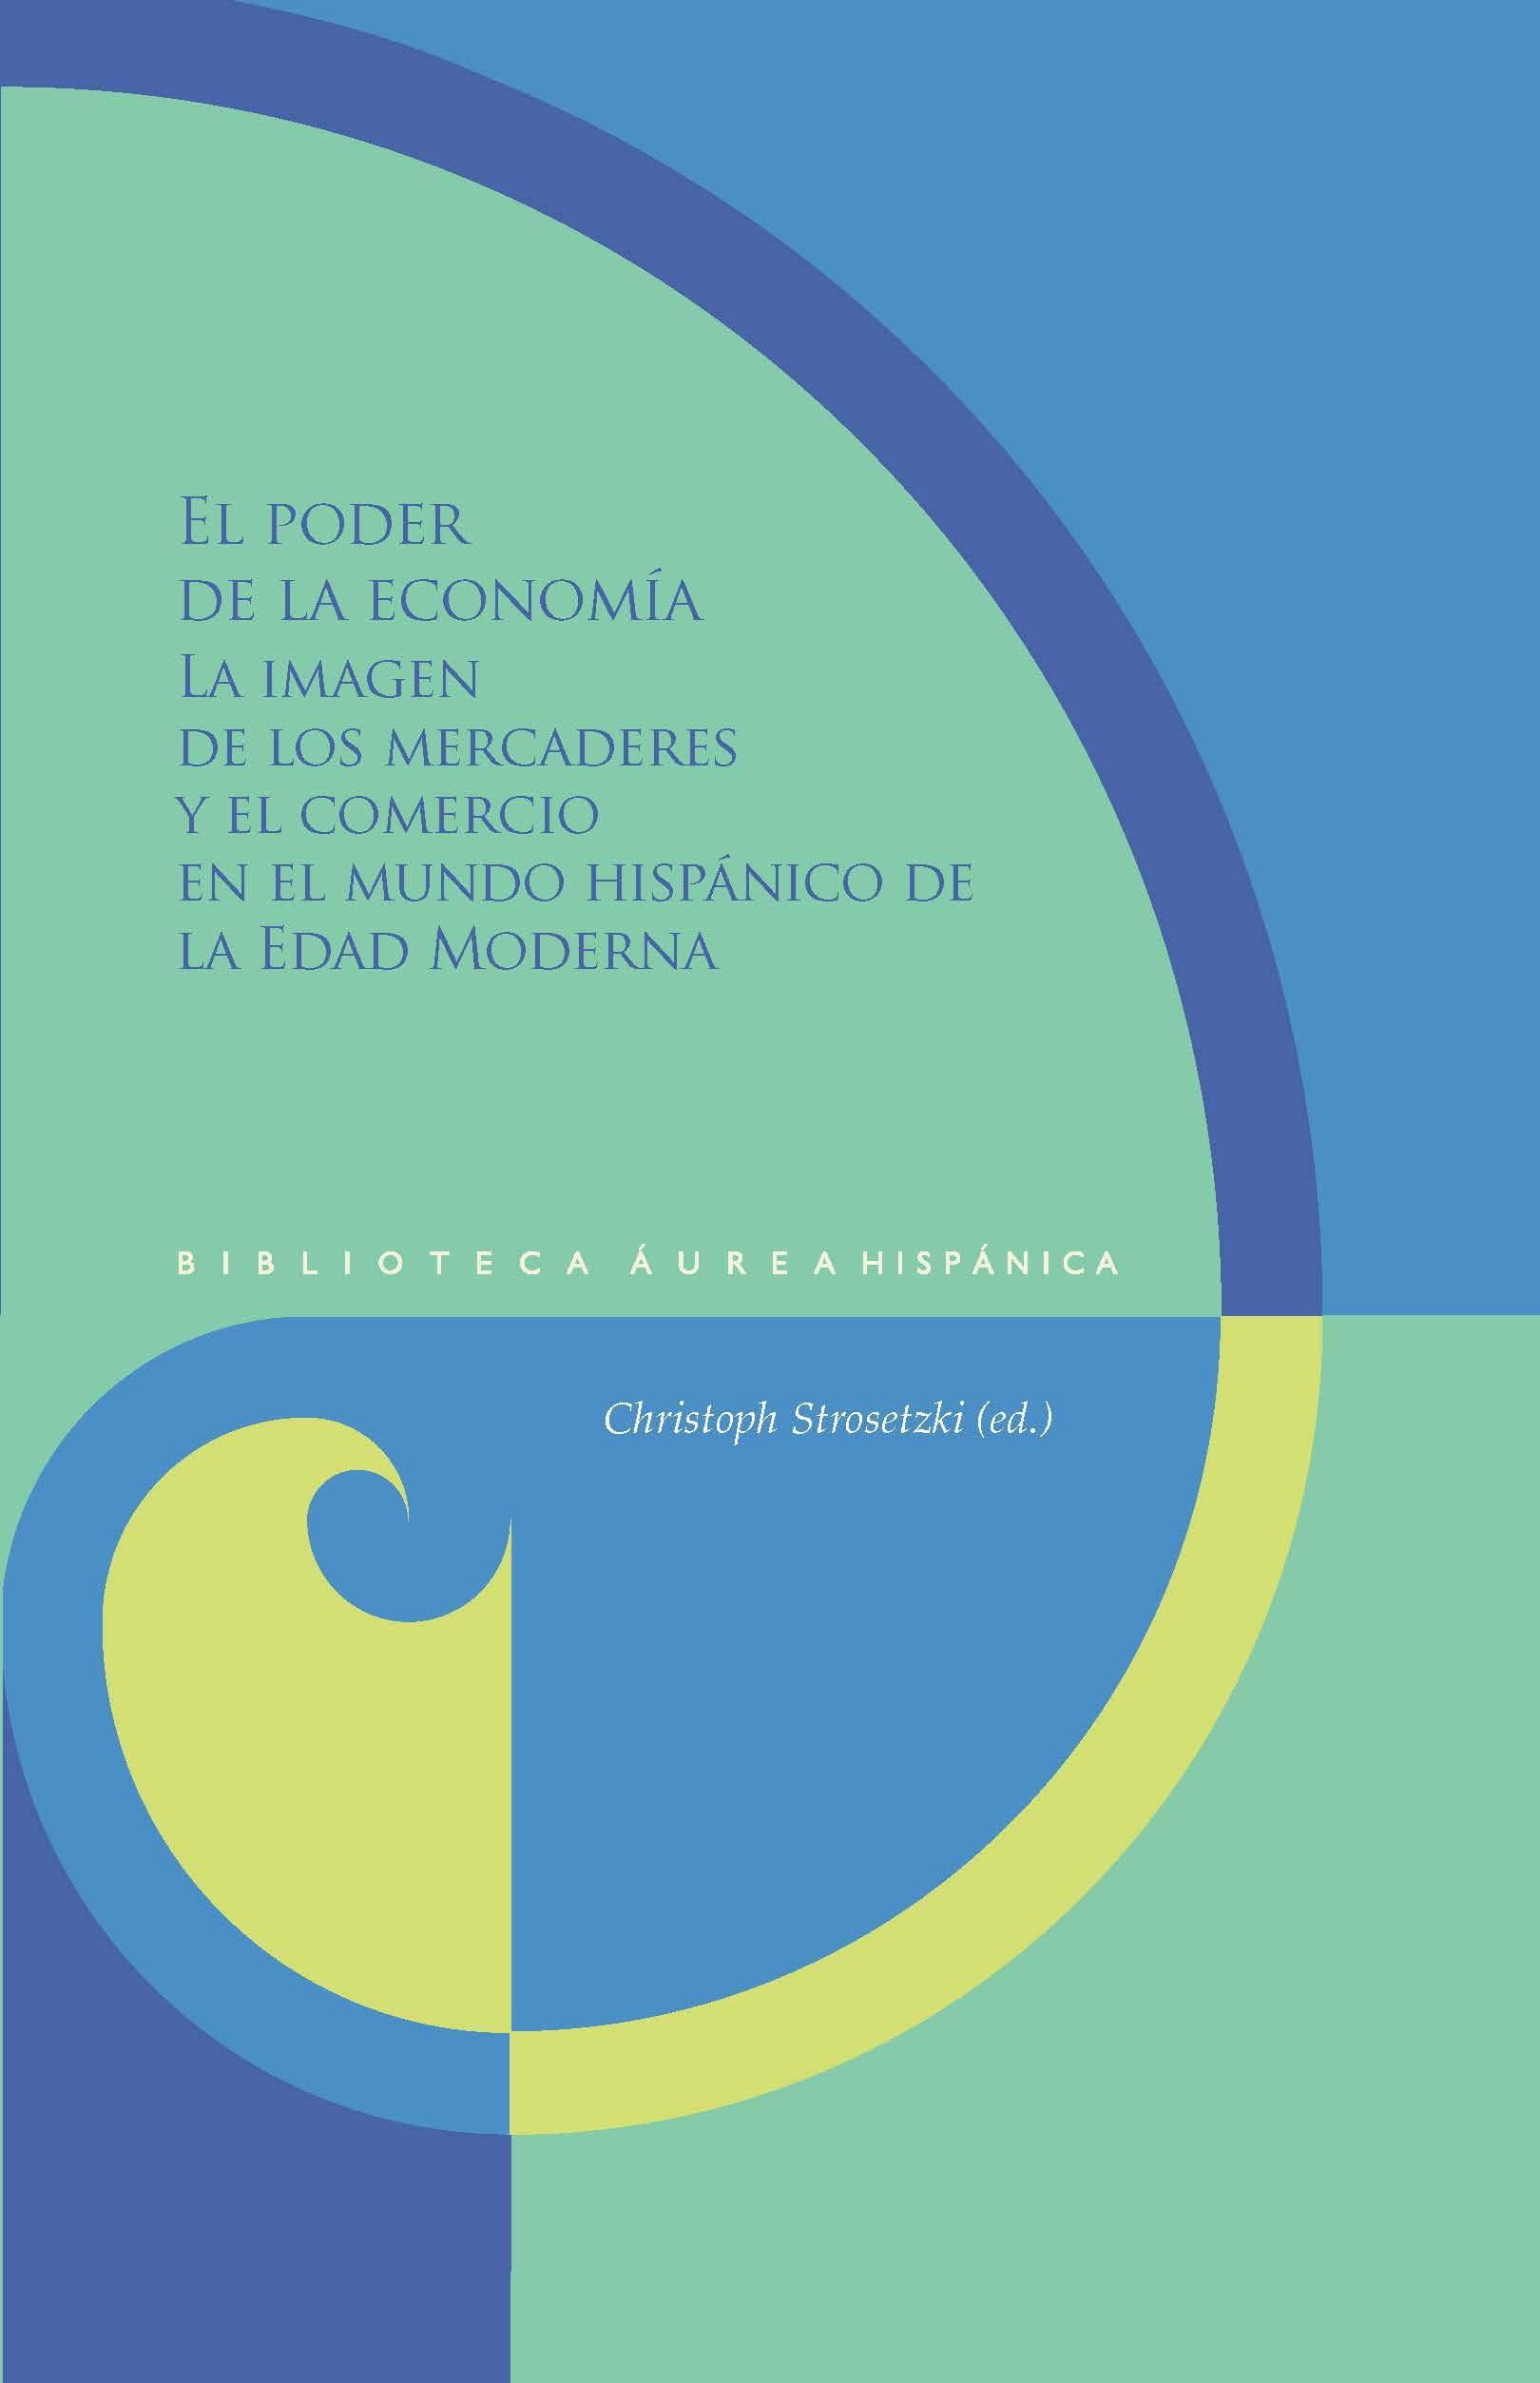 El poder de la economía: la imagen de los mercaderes y el comercio en el mundo hispánico de la Edad Moderna (Biblioteca Áurea Hispánica)